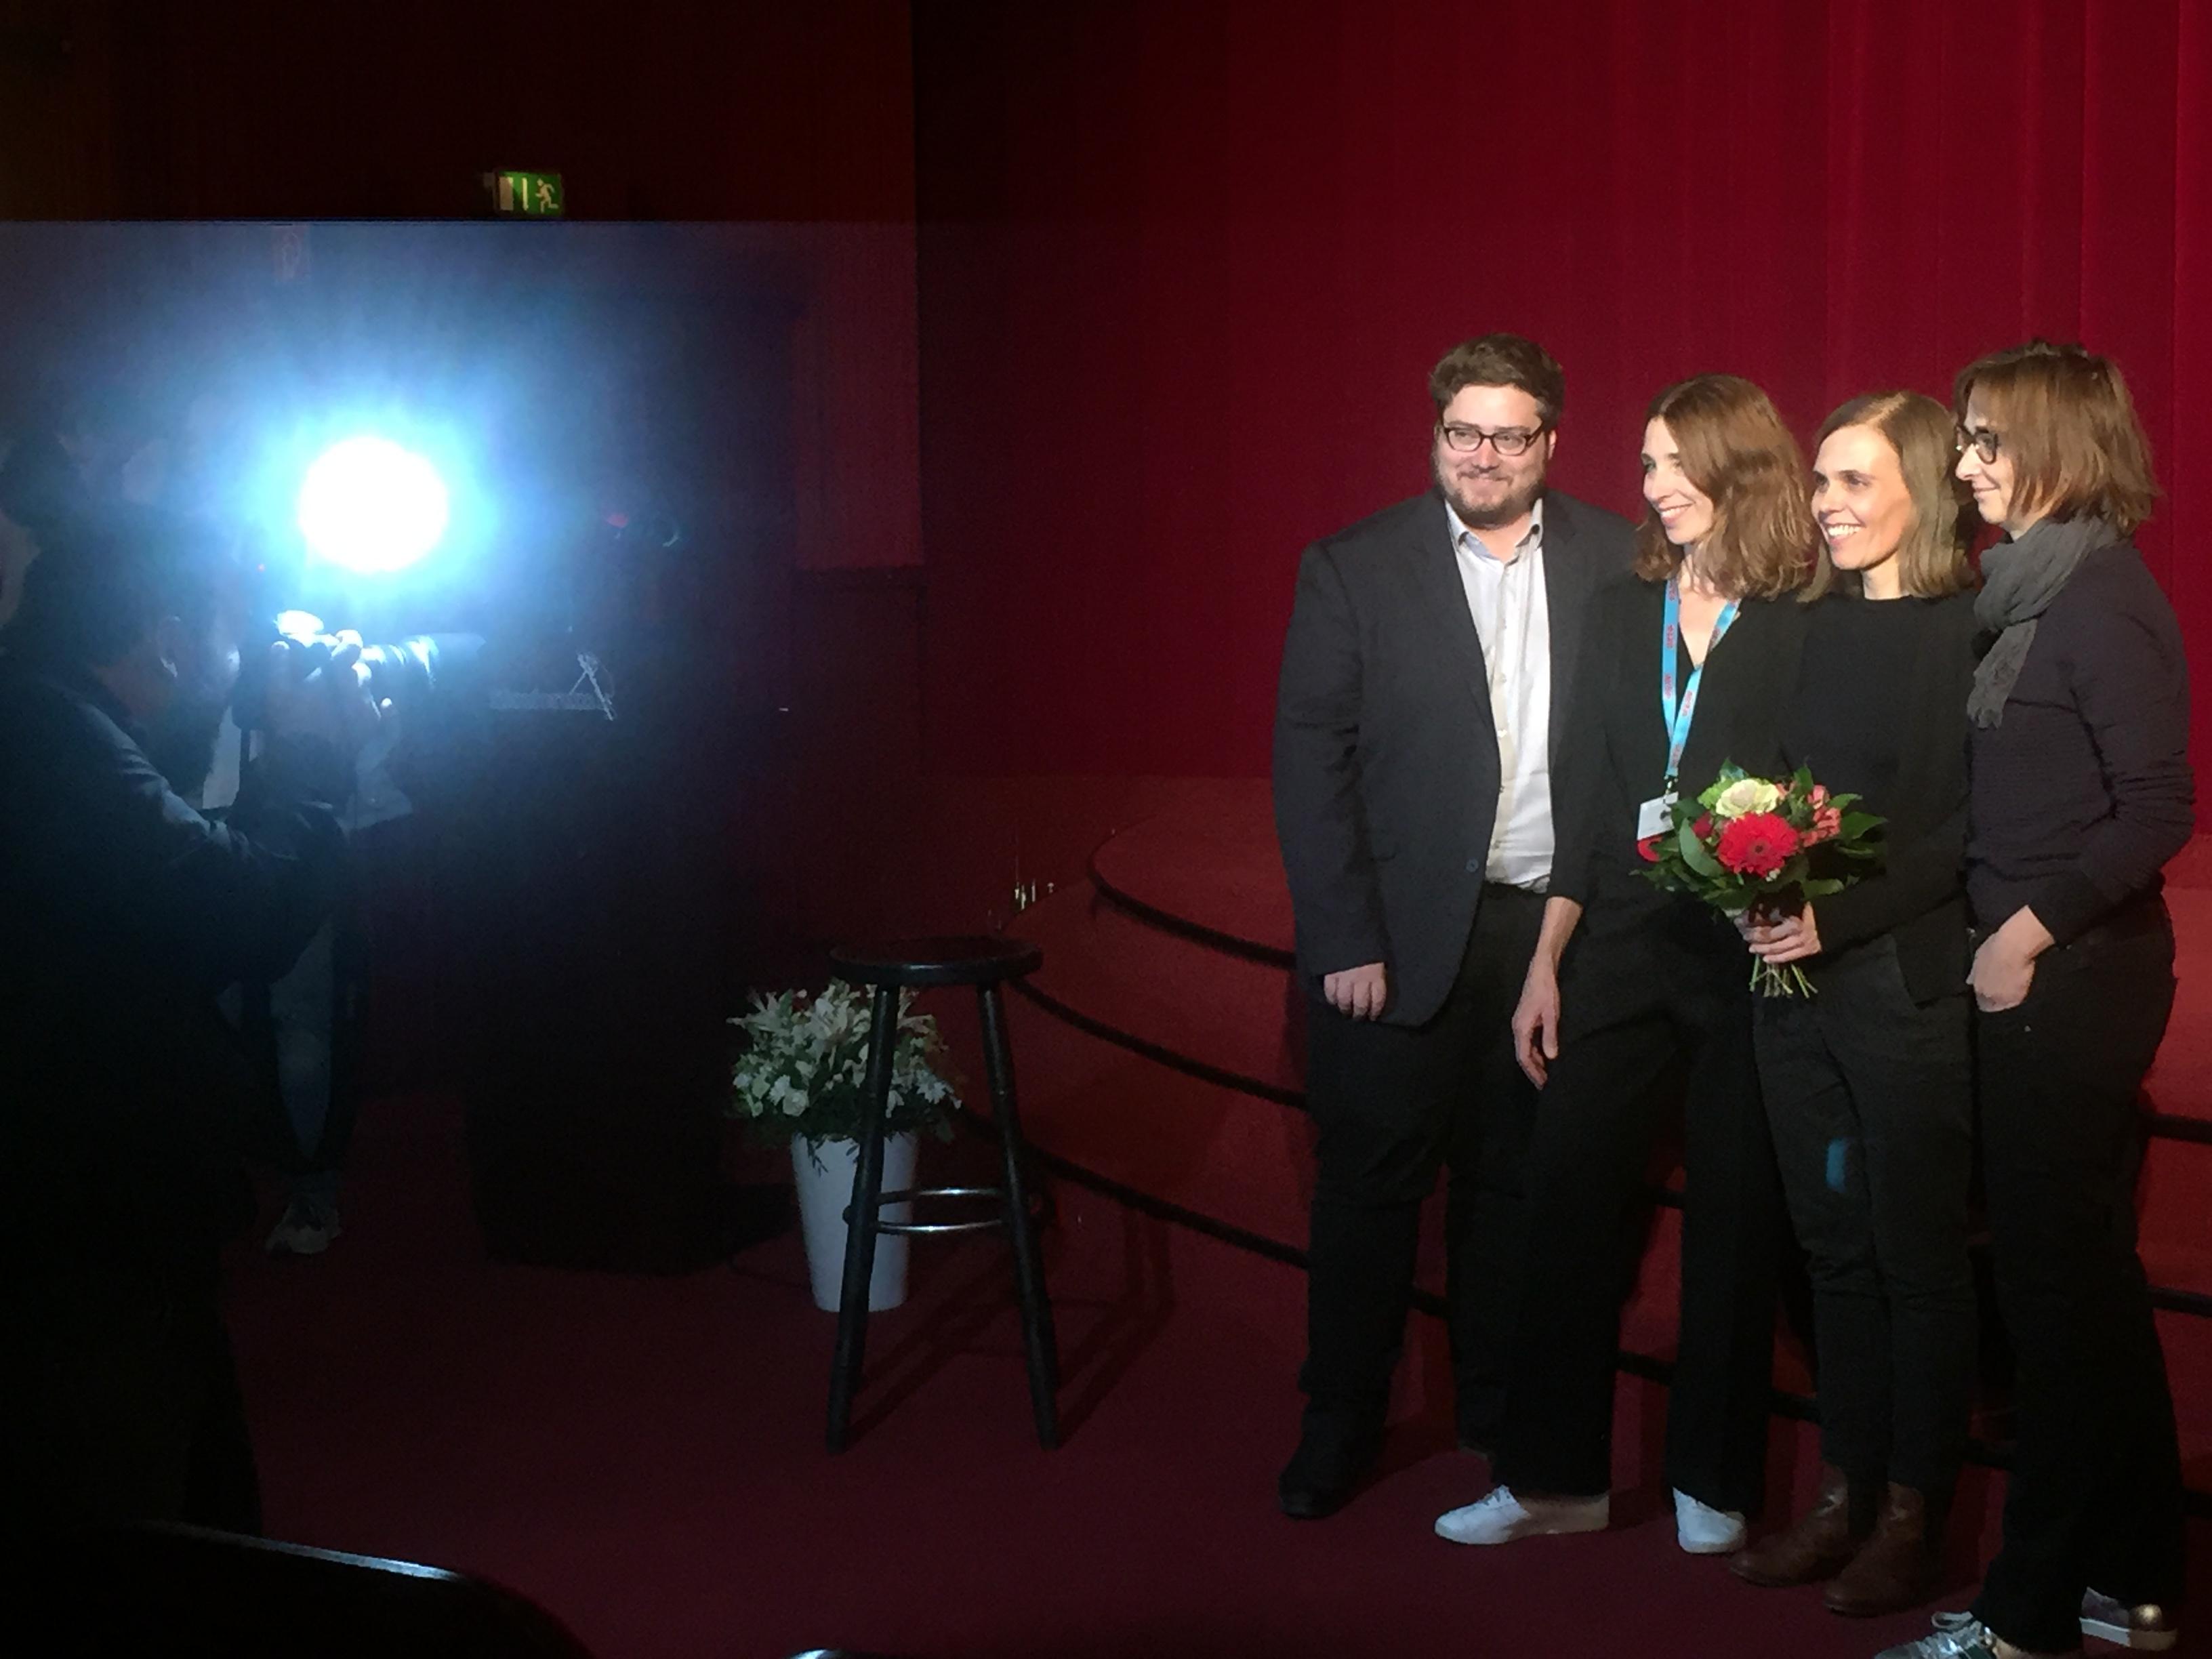 Bekanntgabe der letztjährigen Stipendiatin für den Künstlerischen Kinder- oder Jugenddokumentarfilm des Ministeriums für Kultur und Wissenschaft NRW: Dana Linkiewicz (2.v.r.) mit Frédéric Jaeger, Ruth Schiffer (beide Jury) und Gudrun Sommer (doxs!).